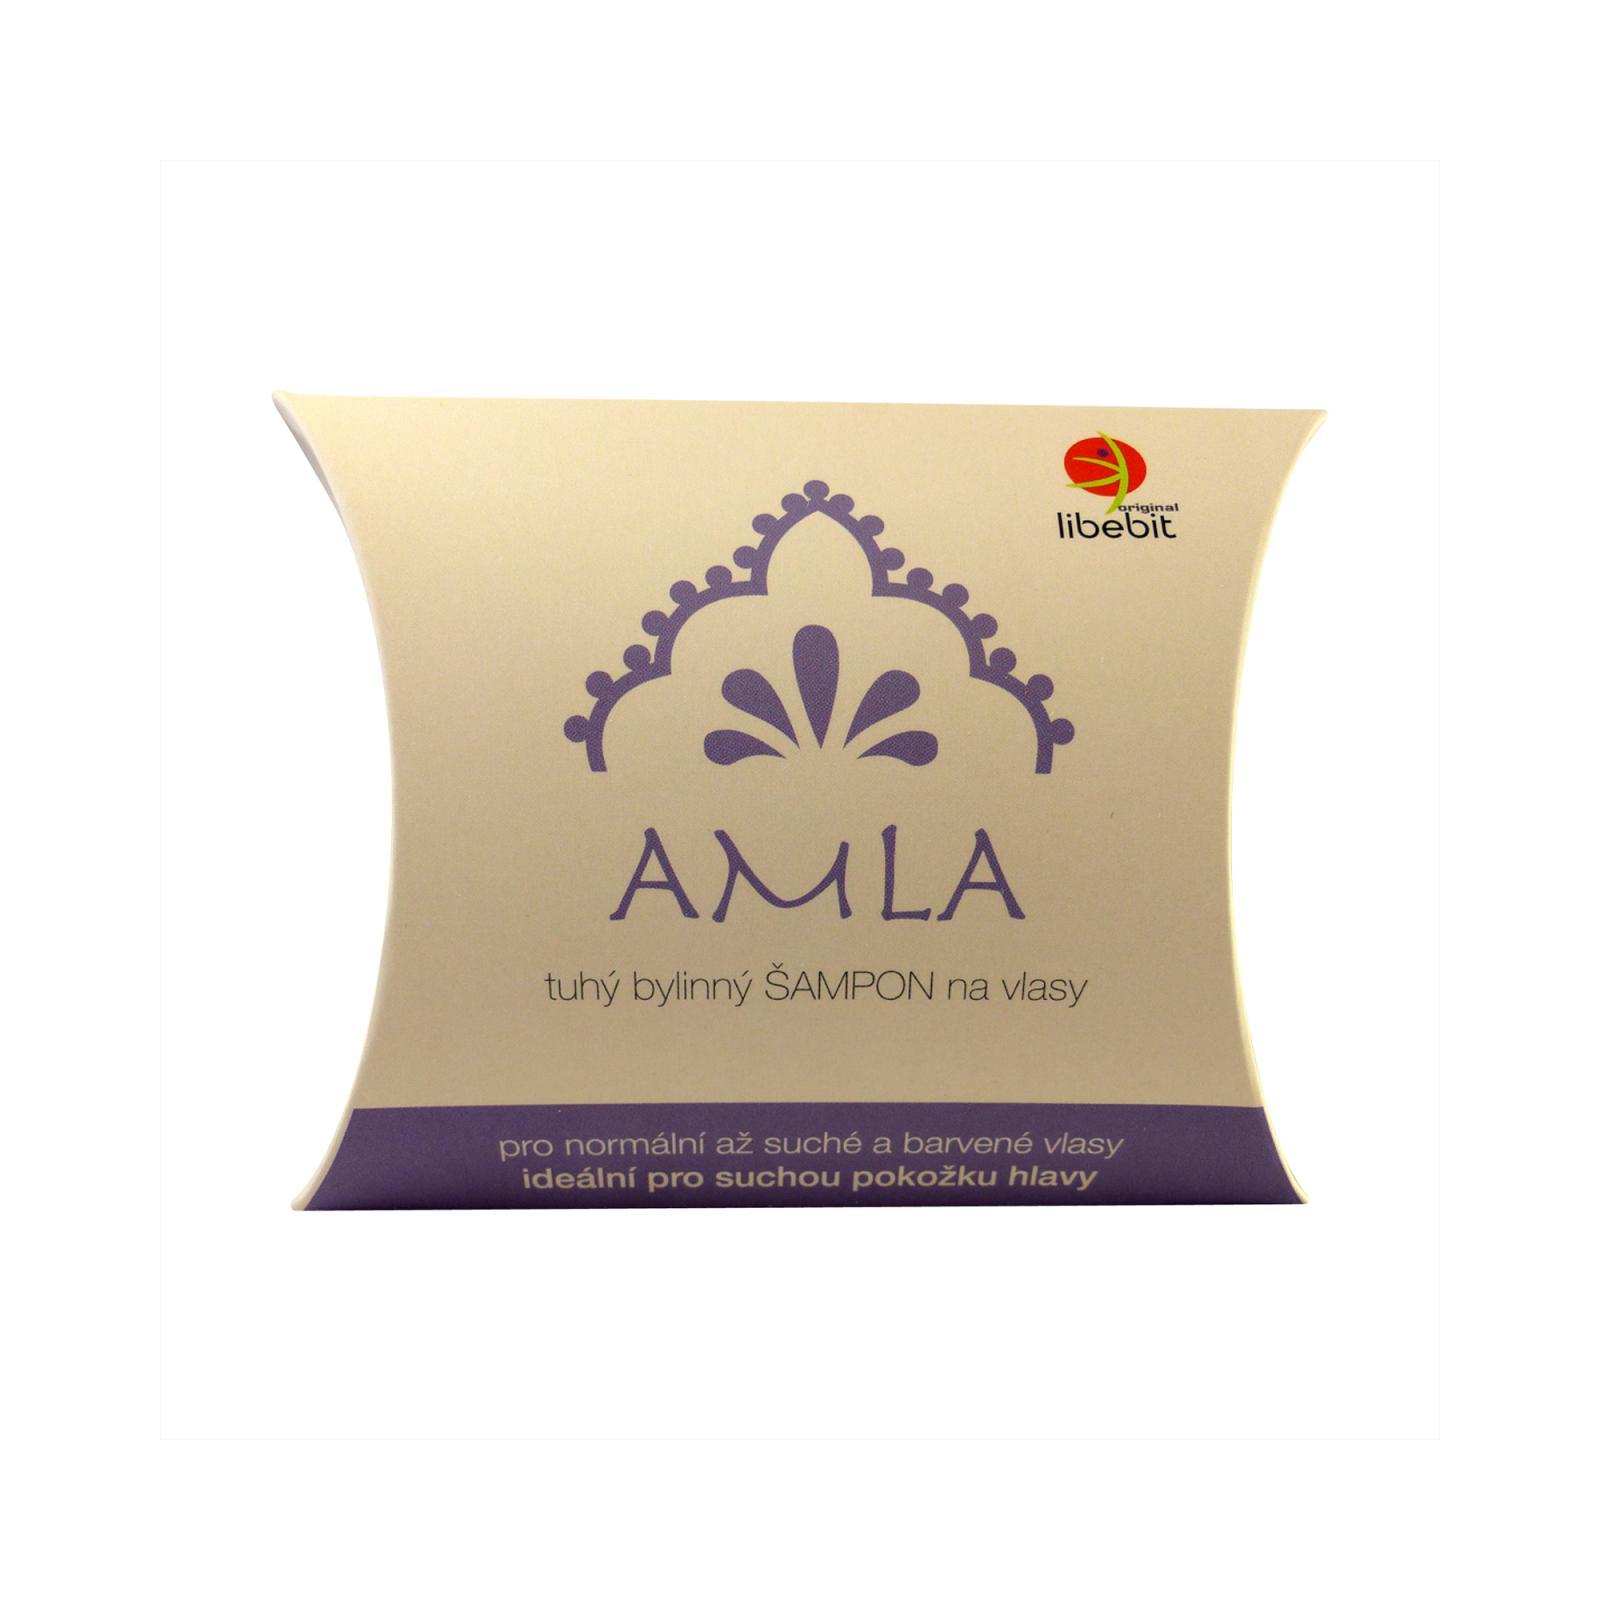 Libebit Tuhý bylinný šampon AMLA 70 g